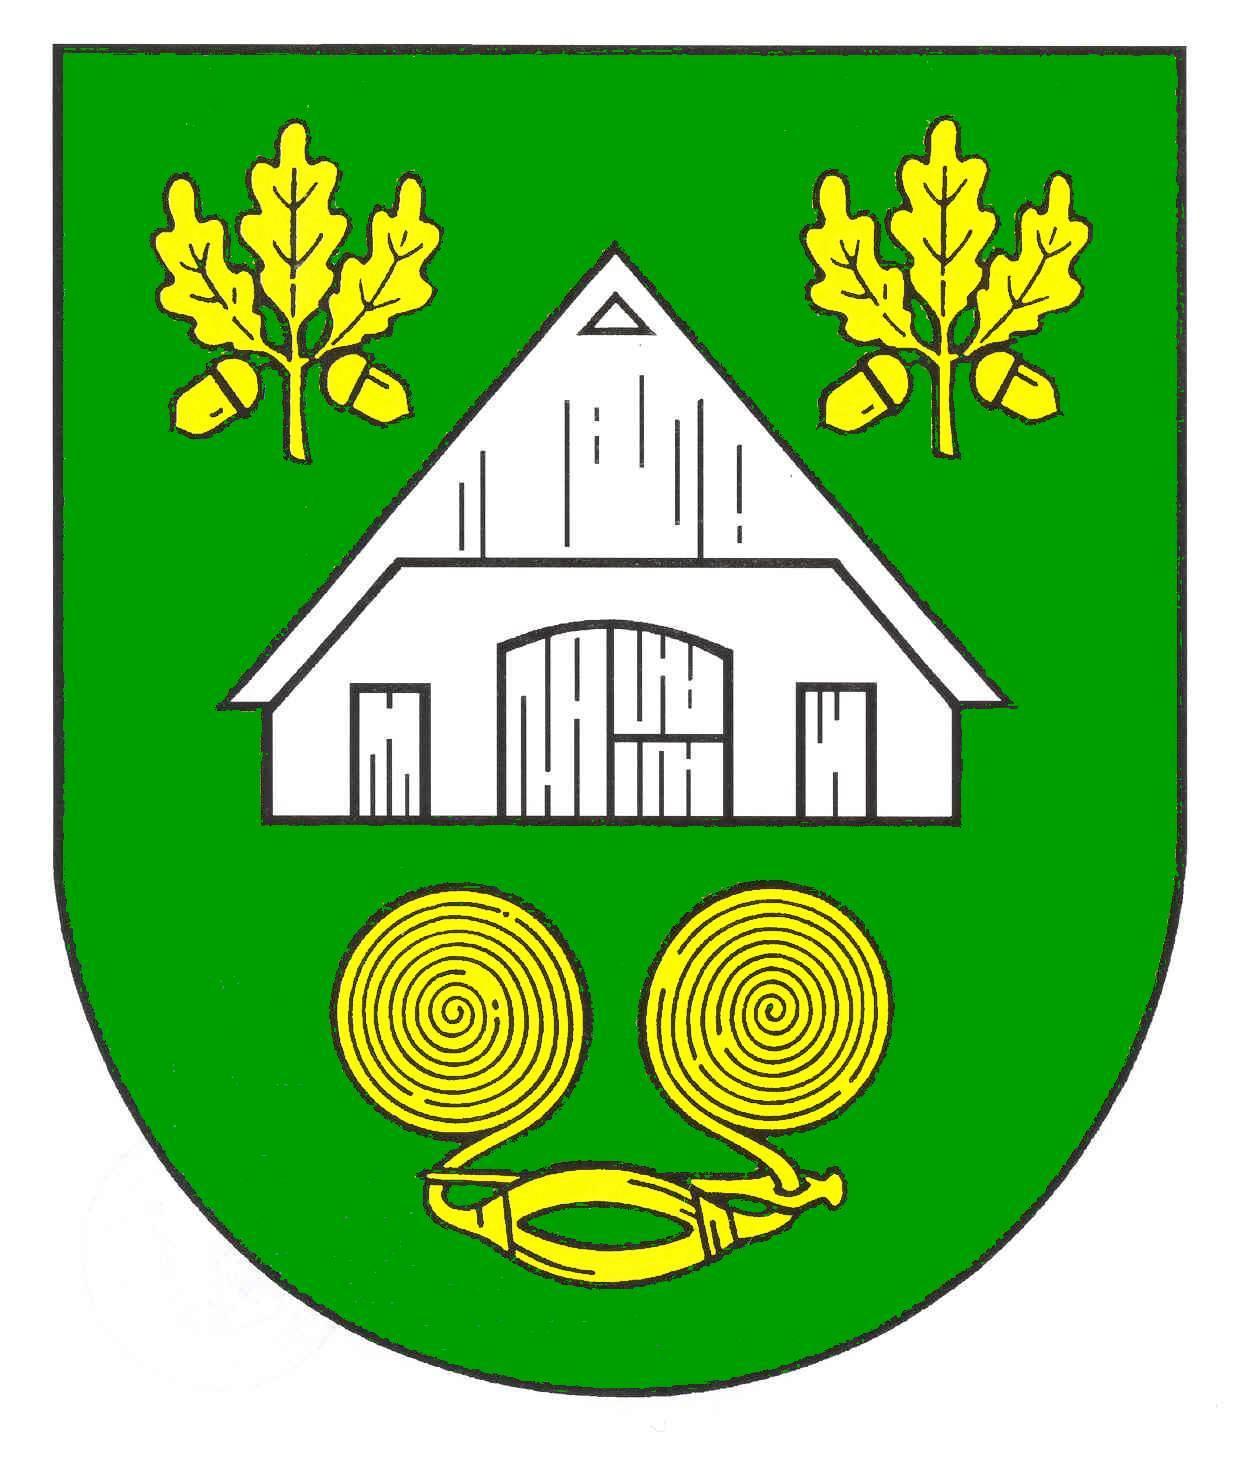 Wappen GemeindeWitzhave, Kreis Stormarn